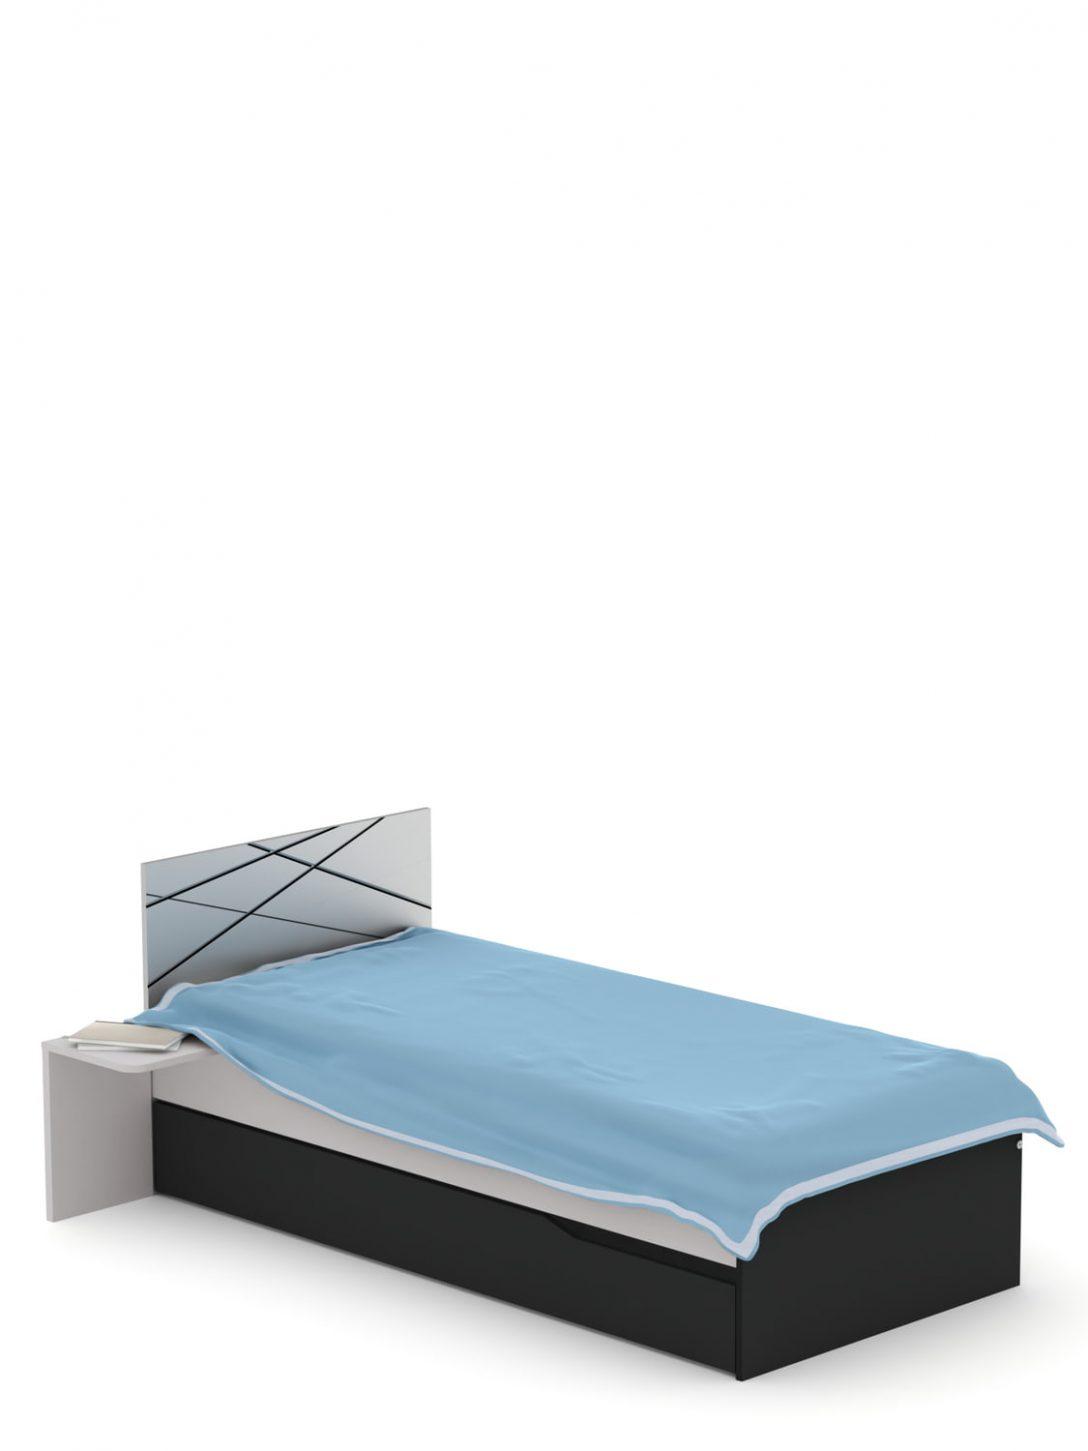 Large Size of Bett 120x190 Betten Ikea 160x200 Rattan überlänge 1 40x2 00 140x200 Mit Bettkasten Sofa 180x200 Sonoma Eiche Meise Bettfunktion 220 X Billige Rundes Bett Bett 120x190